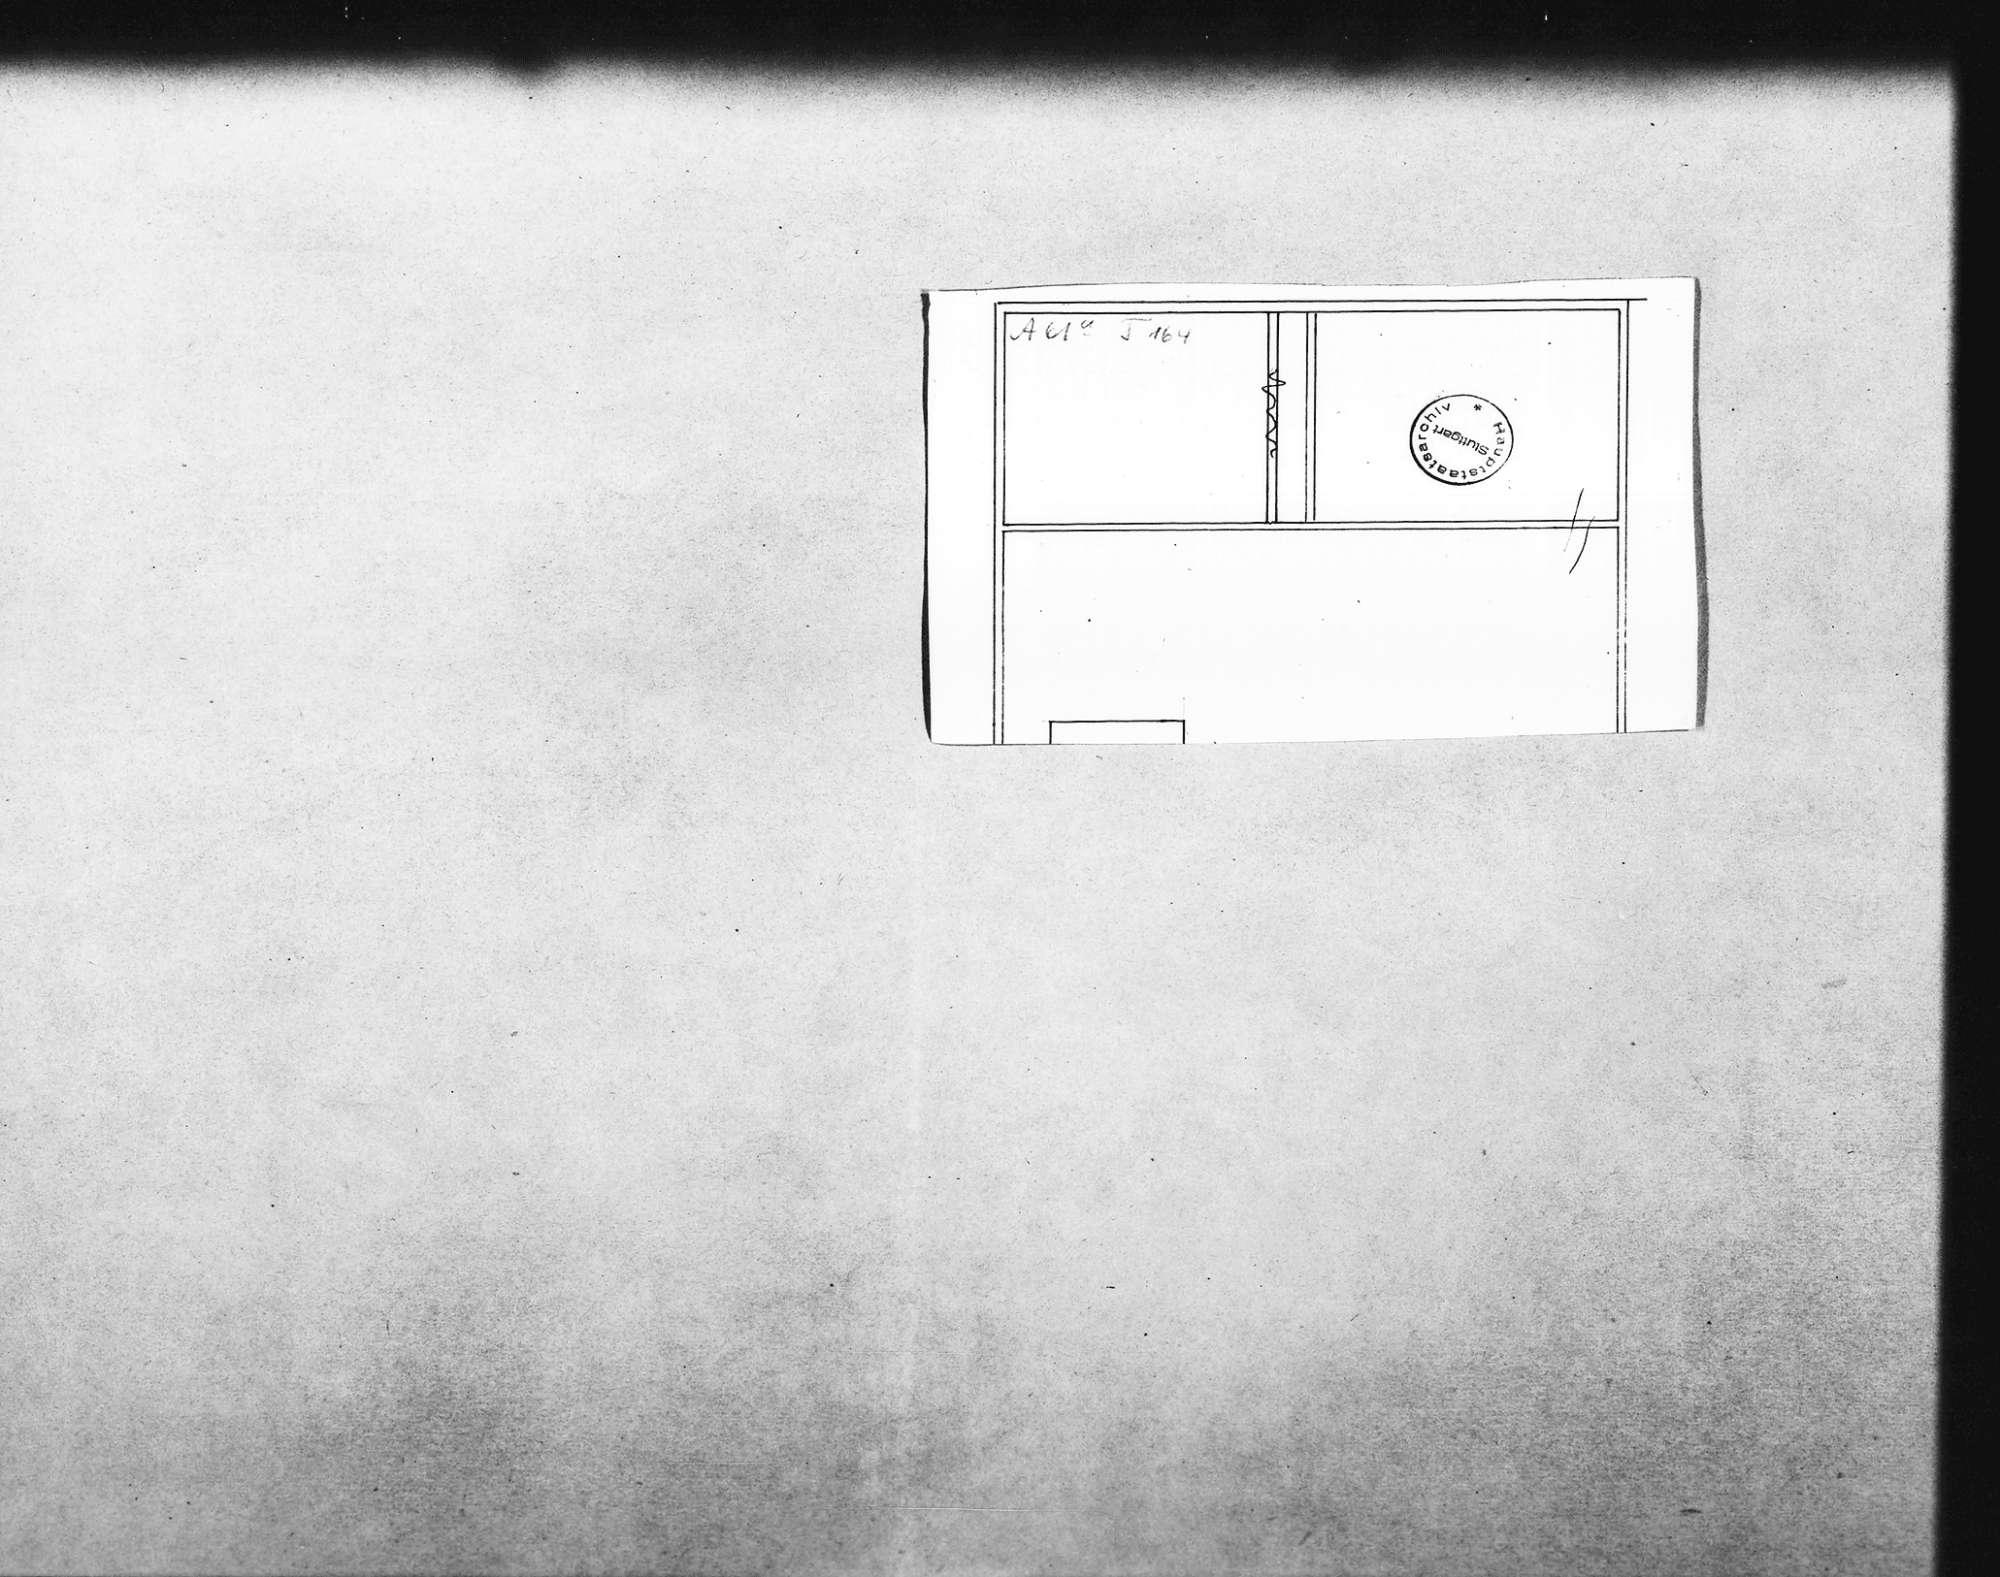 """Notizen Schickhardts zum Schlossbrunnen in Göppingen, zur Bezahlung der Handwerker, zum Gießen und Verlegen der Rohrleitungen (""""teichel"""") durch Kretzmaier, Streichen und Wartung des Brunnens (Quart), Bild 2"""